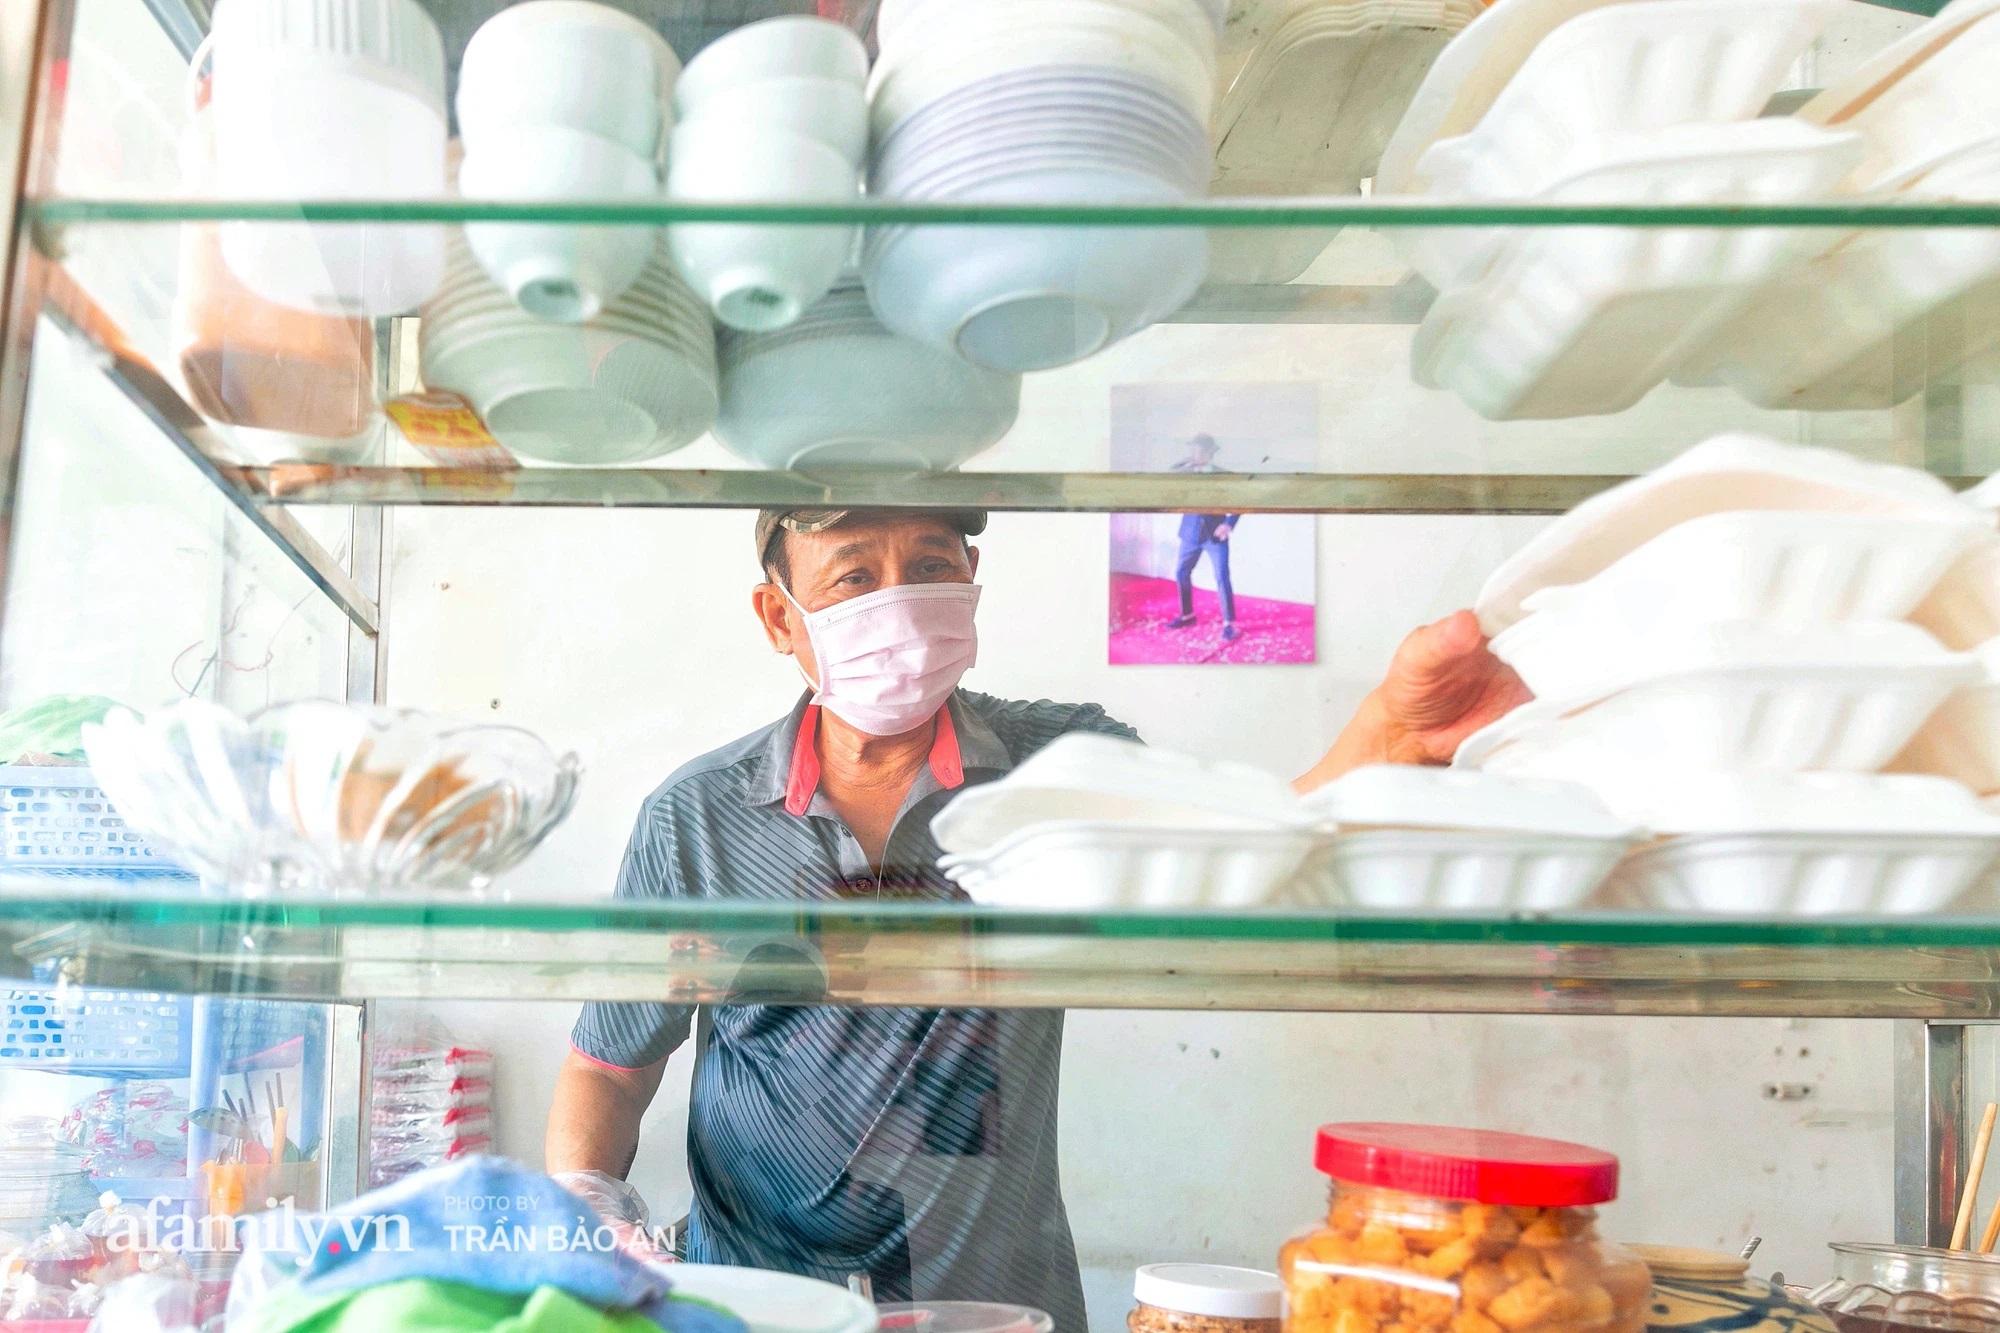 Quán bánh bèo chén của nghệ sĩ Duy Phương: Có người lặng lội đi hơn 20km để mua về và gặp ông chủ, xúc động hình ảnh 4 người con được treo ở nơi sáng nhất  - Ảnh 5.